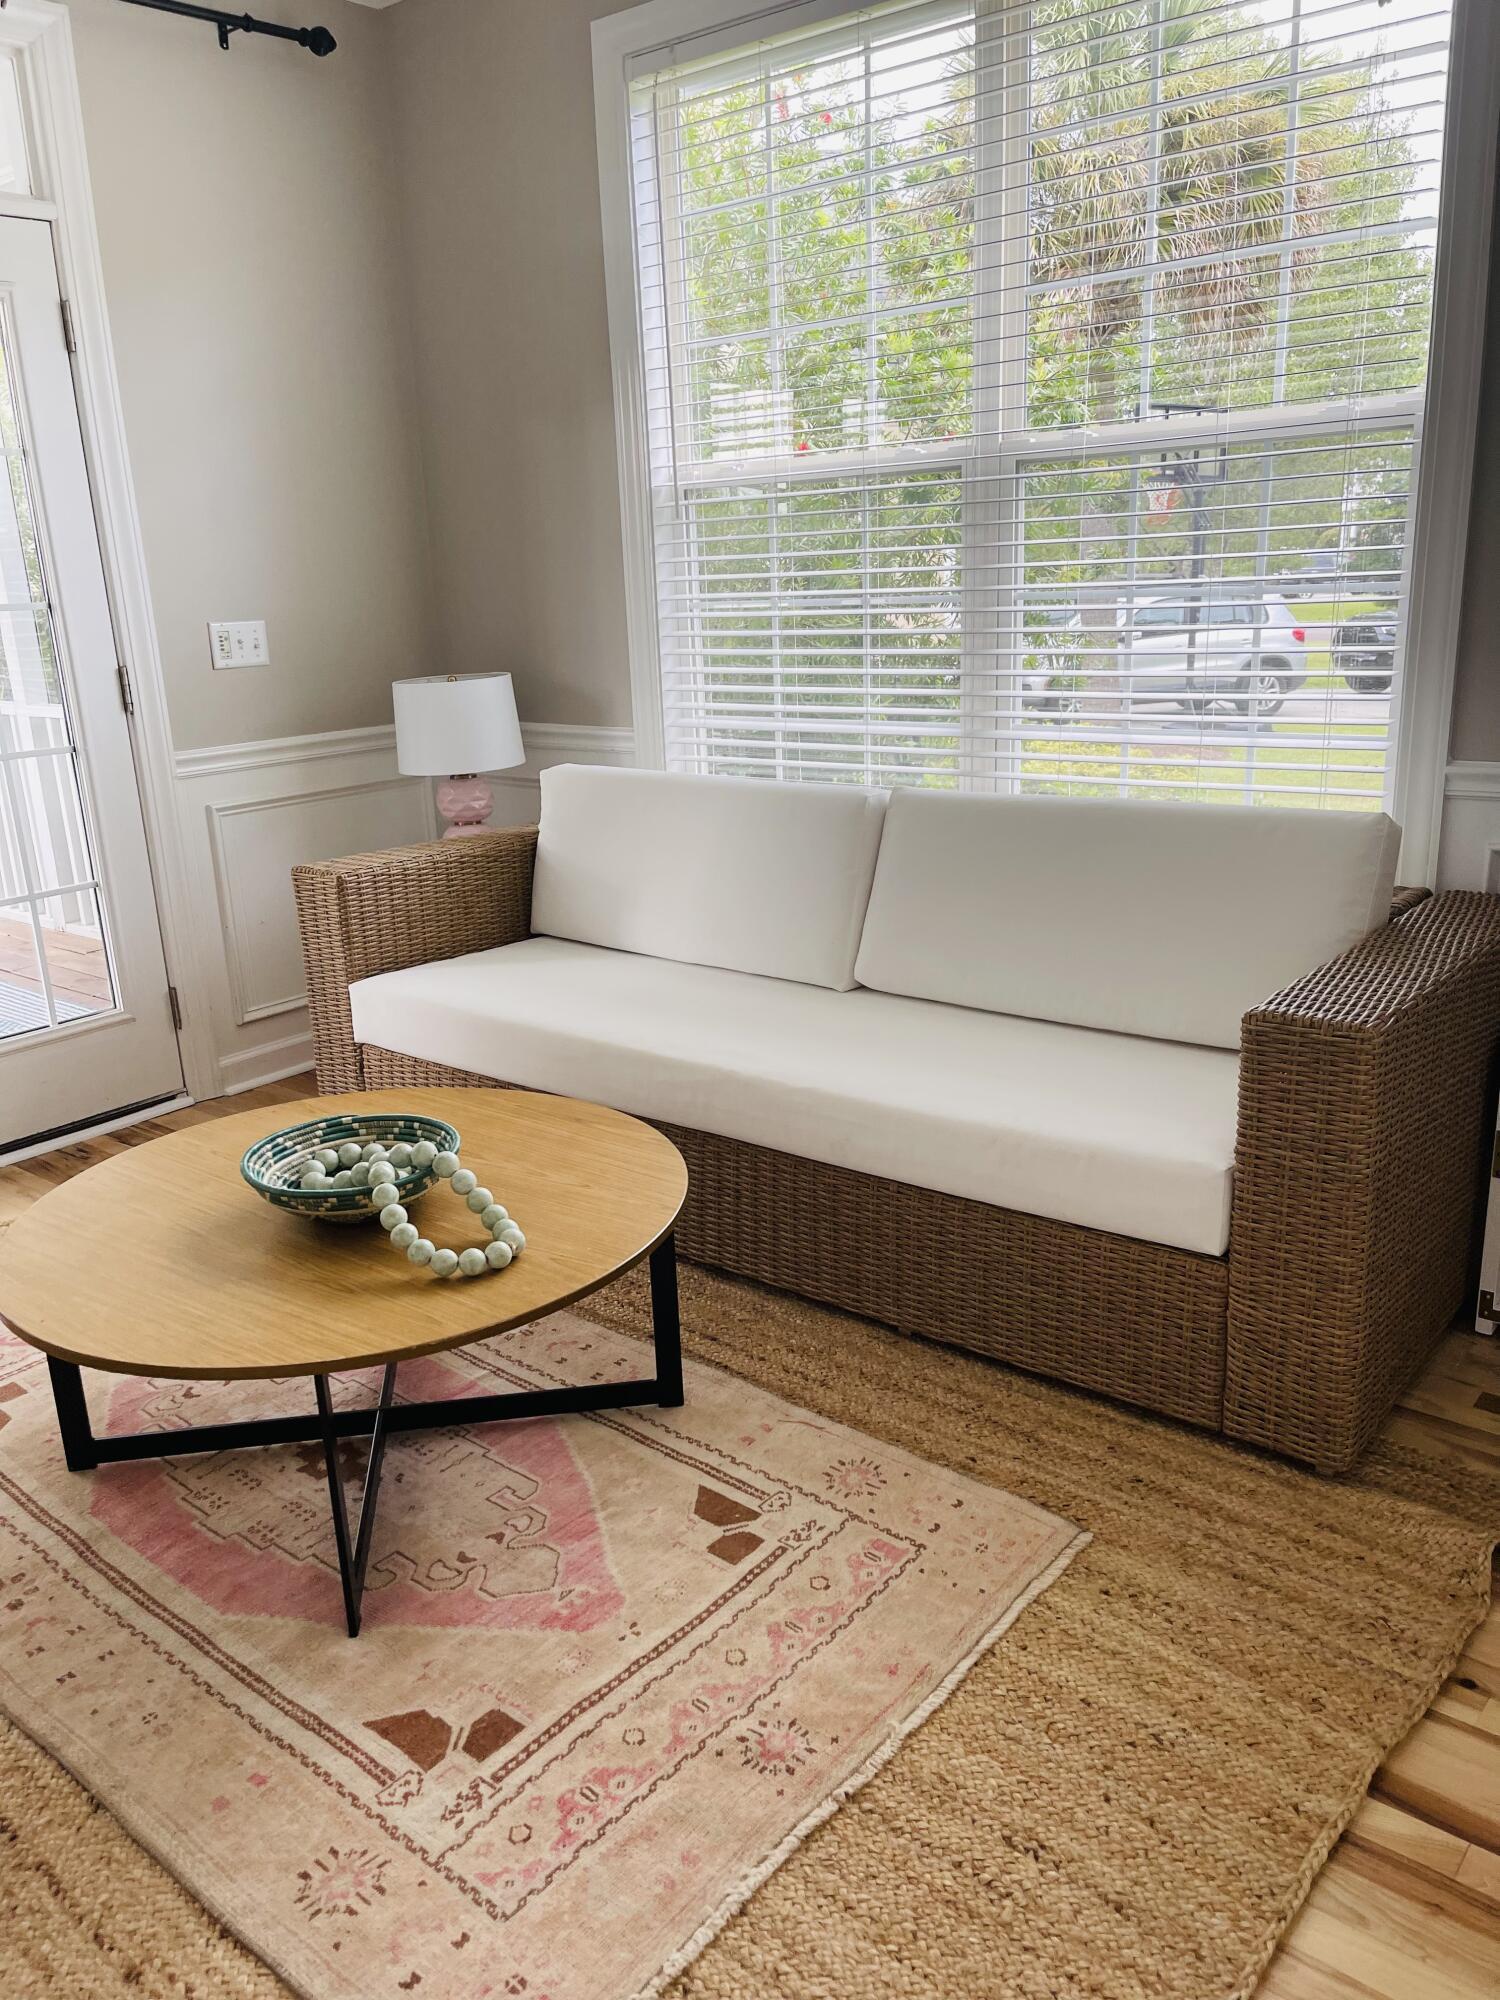 Dunes West Homes For Sale - 3059 Riverwood, Mount Pleasant, SC - 29